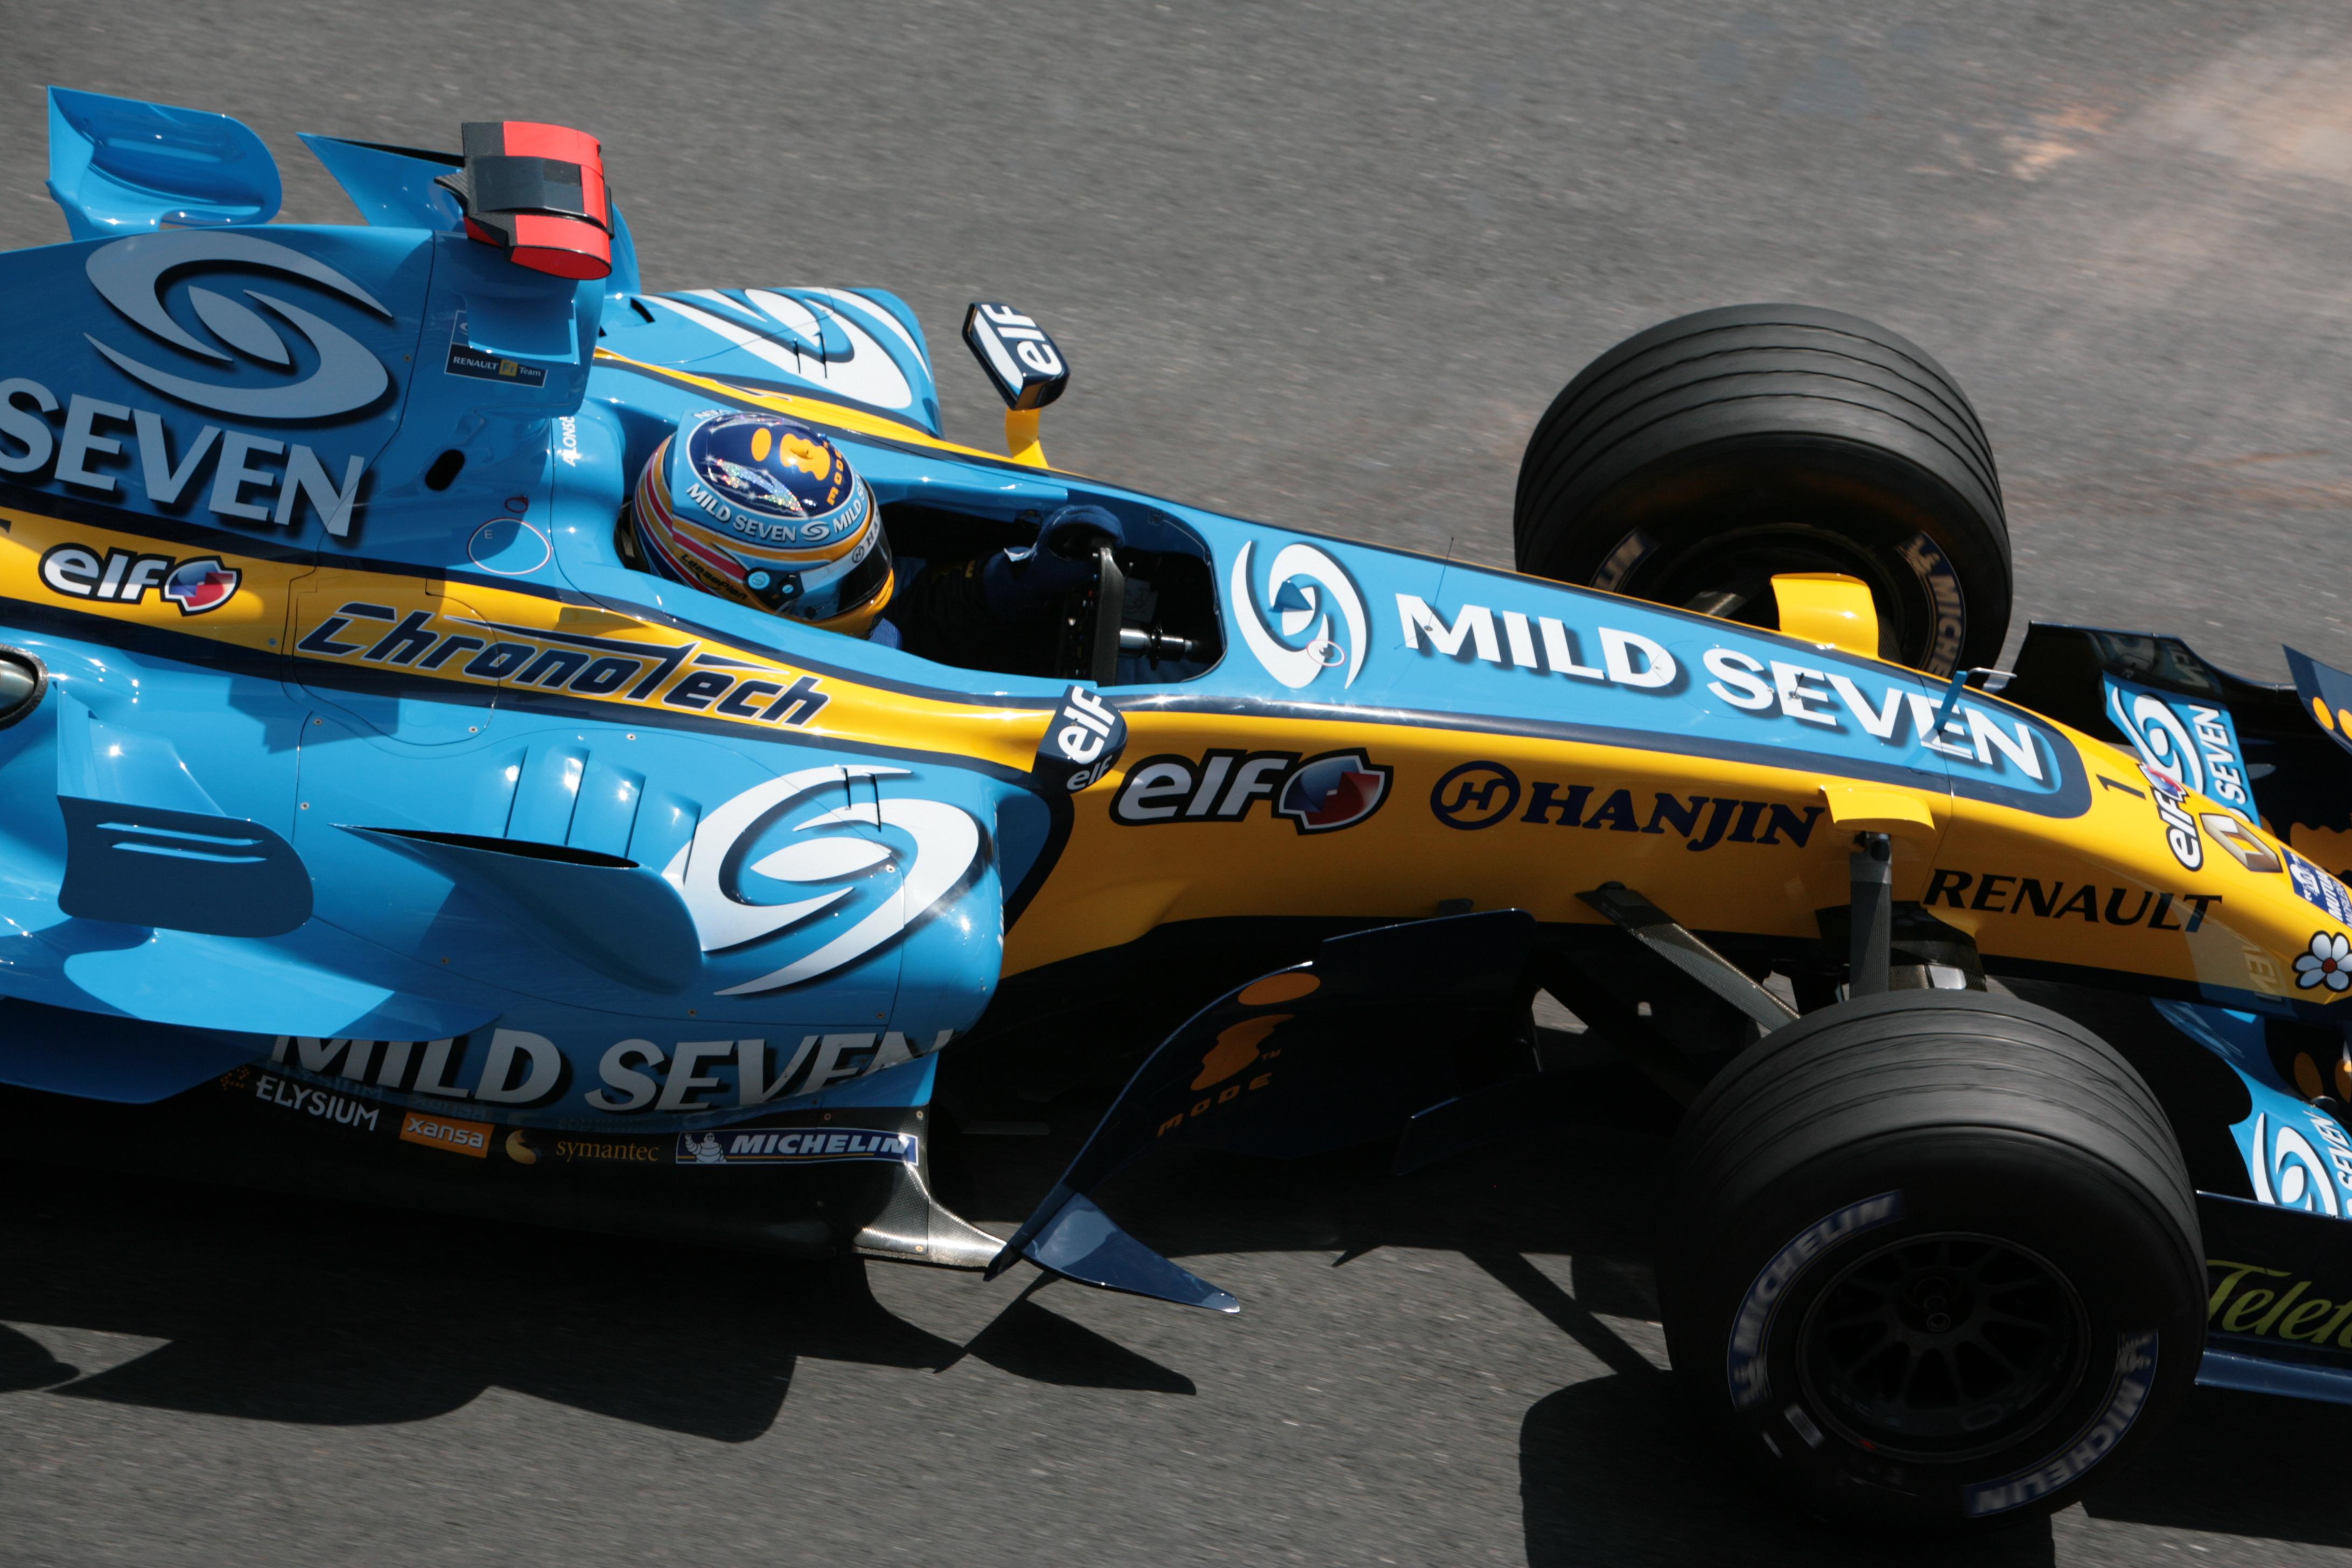 Alonso ble superstjerne da han detroniserte Schumacher i 2005 og 2006-sesongene. Foto: Wikipedia